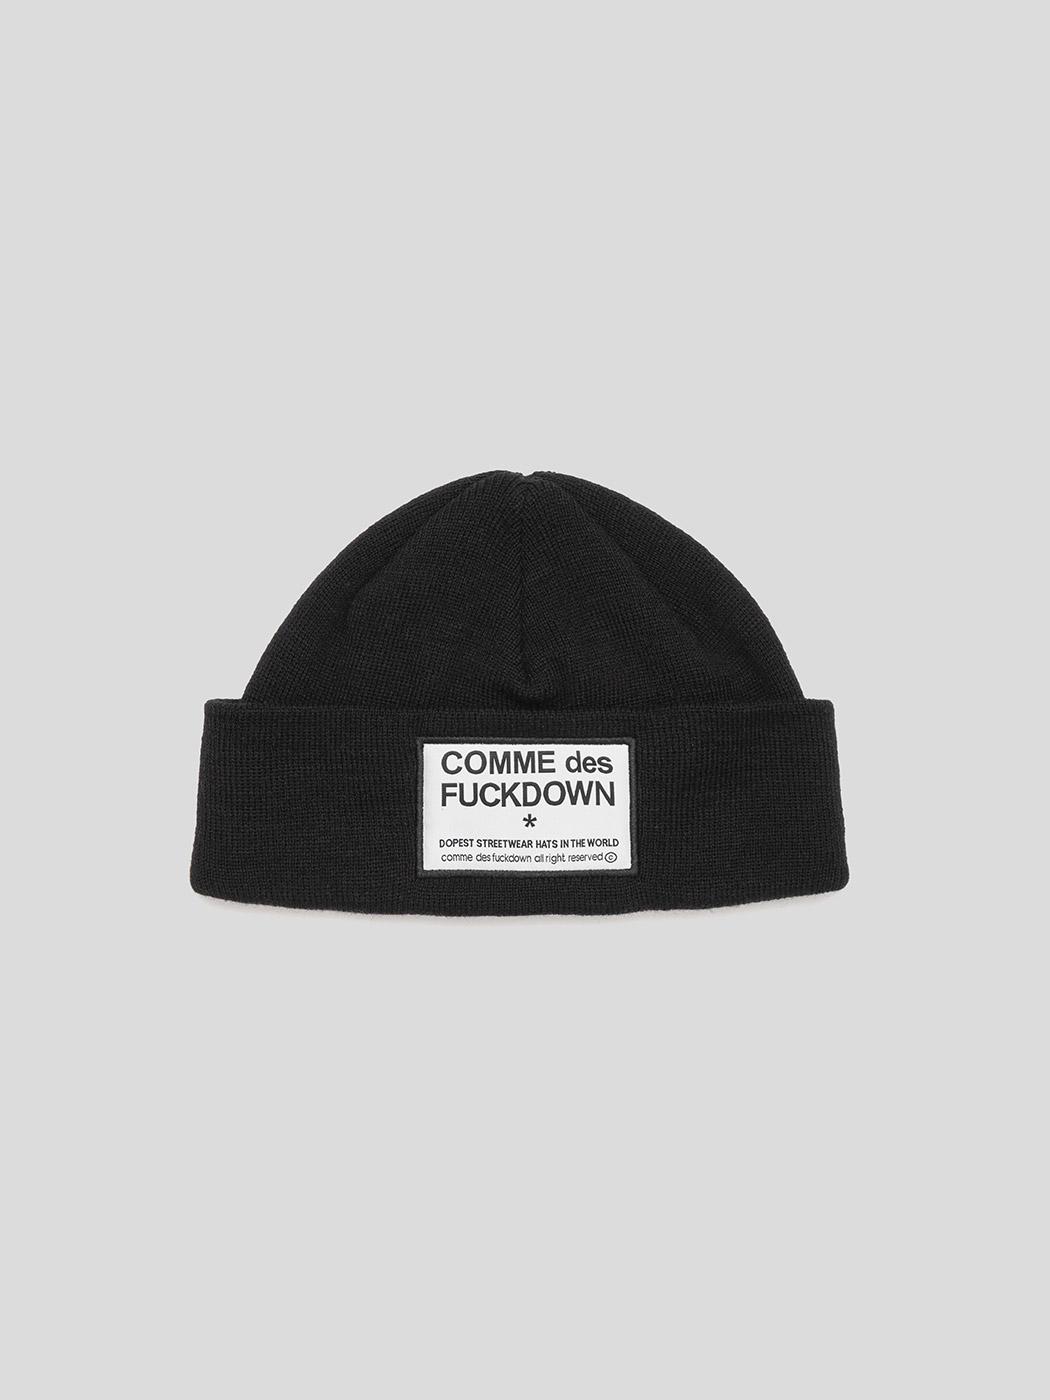 HAT - CDFA573 - COMME DES FKDOWN